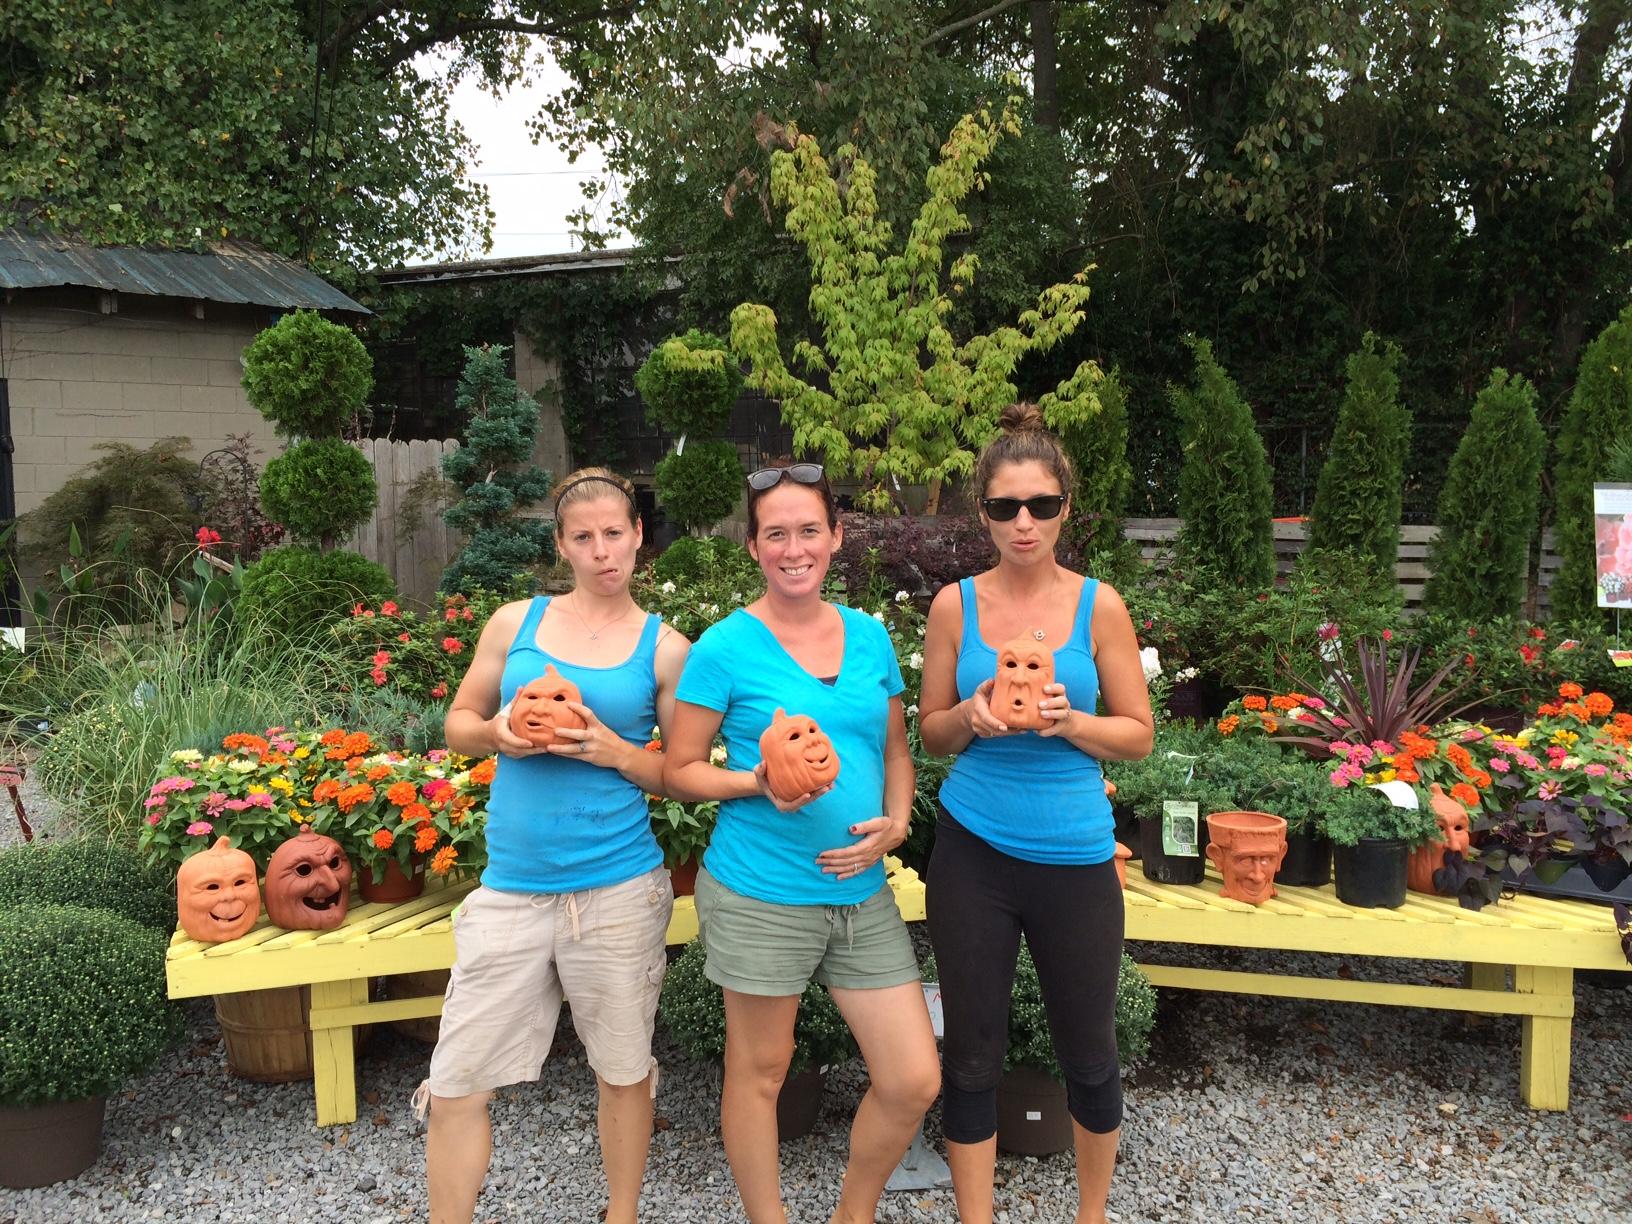 21 excellent garden center jobs nashville Nashville home and garden show